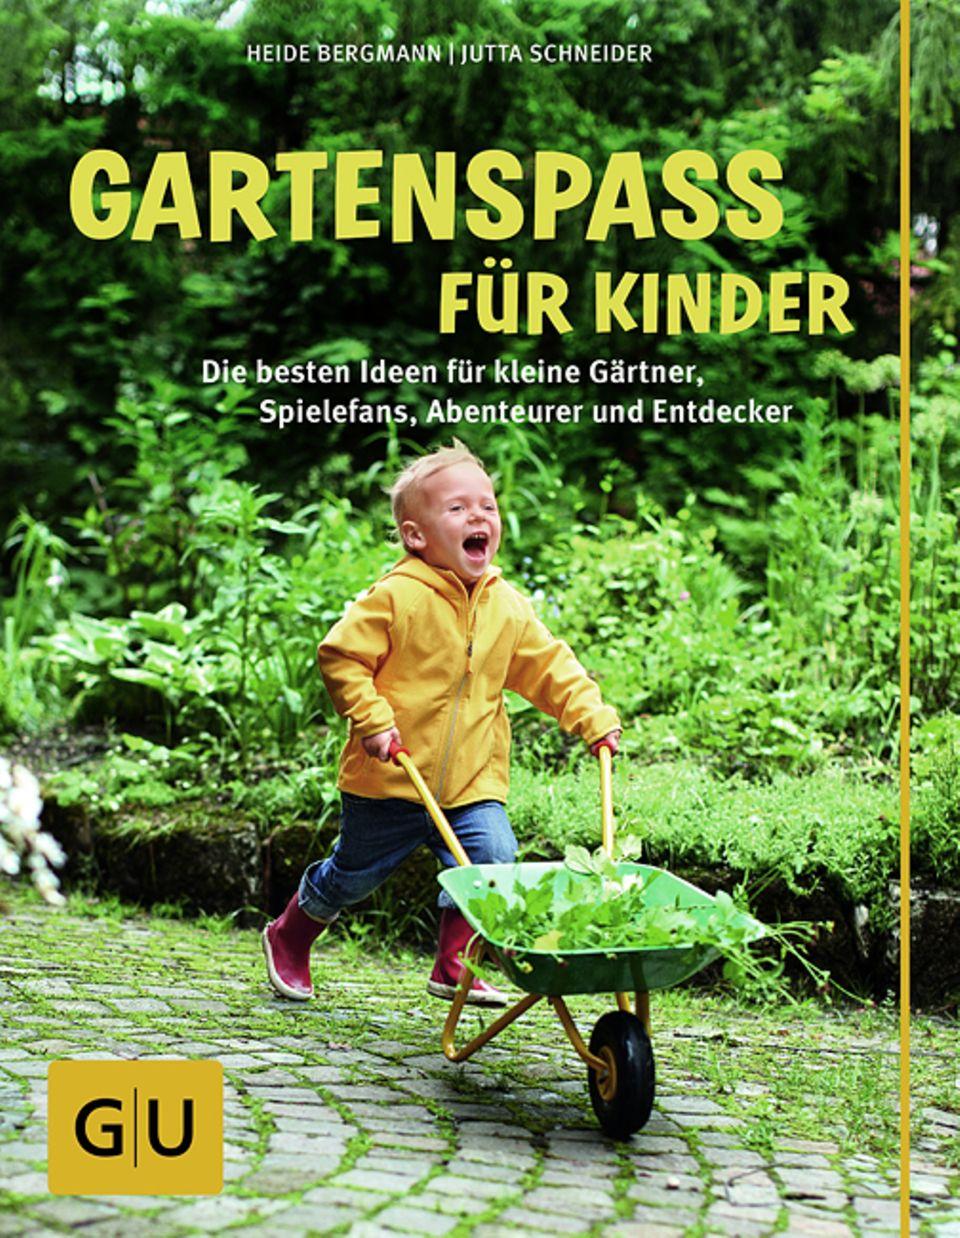 Gartenspaß für Kinder, Gräfe und Unzer Verlag, 144 Seiten, 14,99 Euro